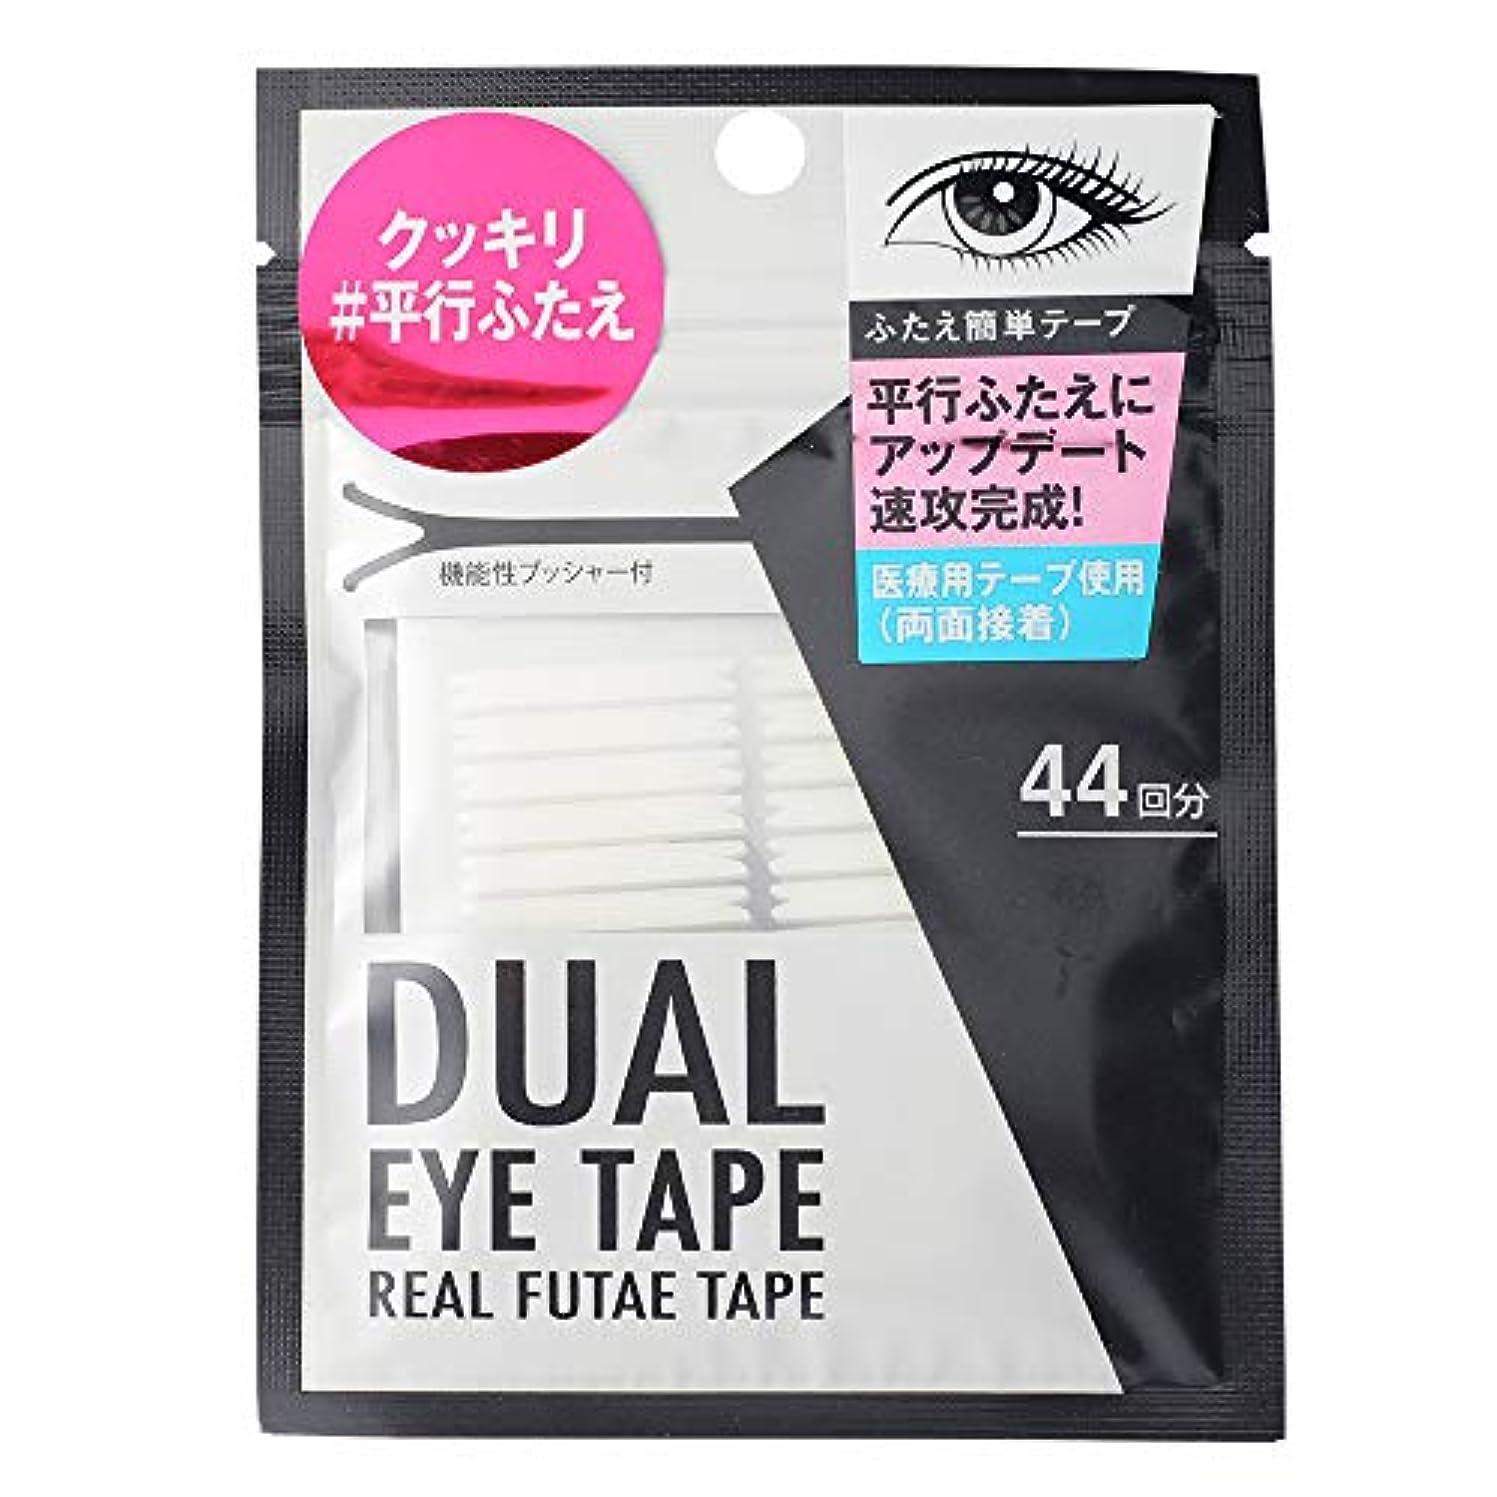 田舎者療法単にデュアルアイテープ (平行ふたえ両面接着テープ) (44回分)